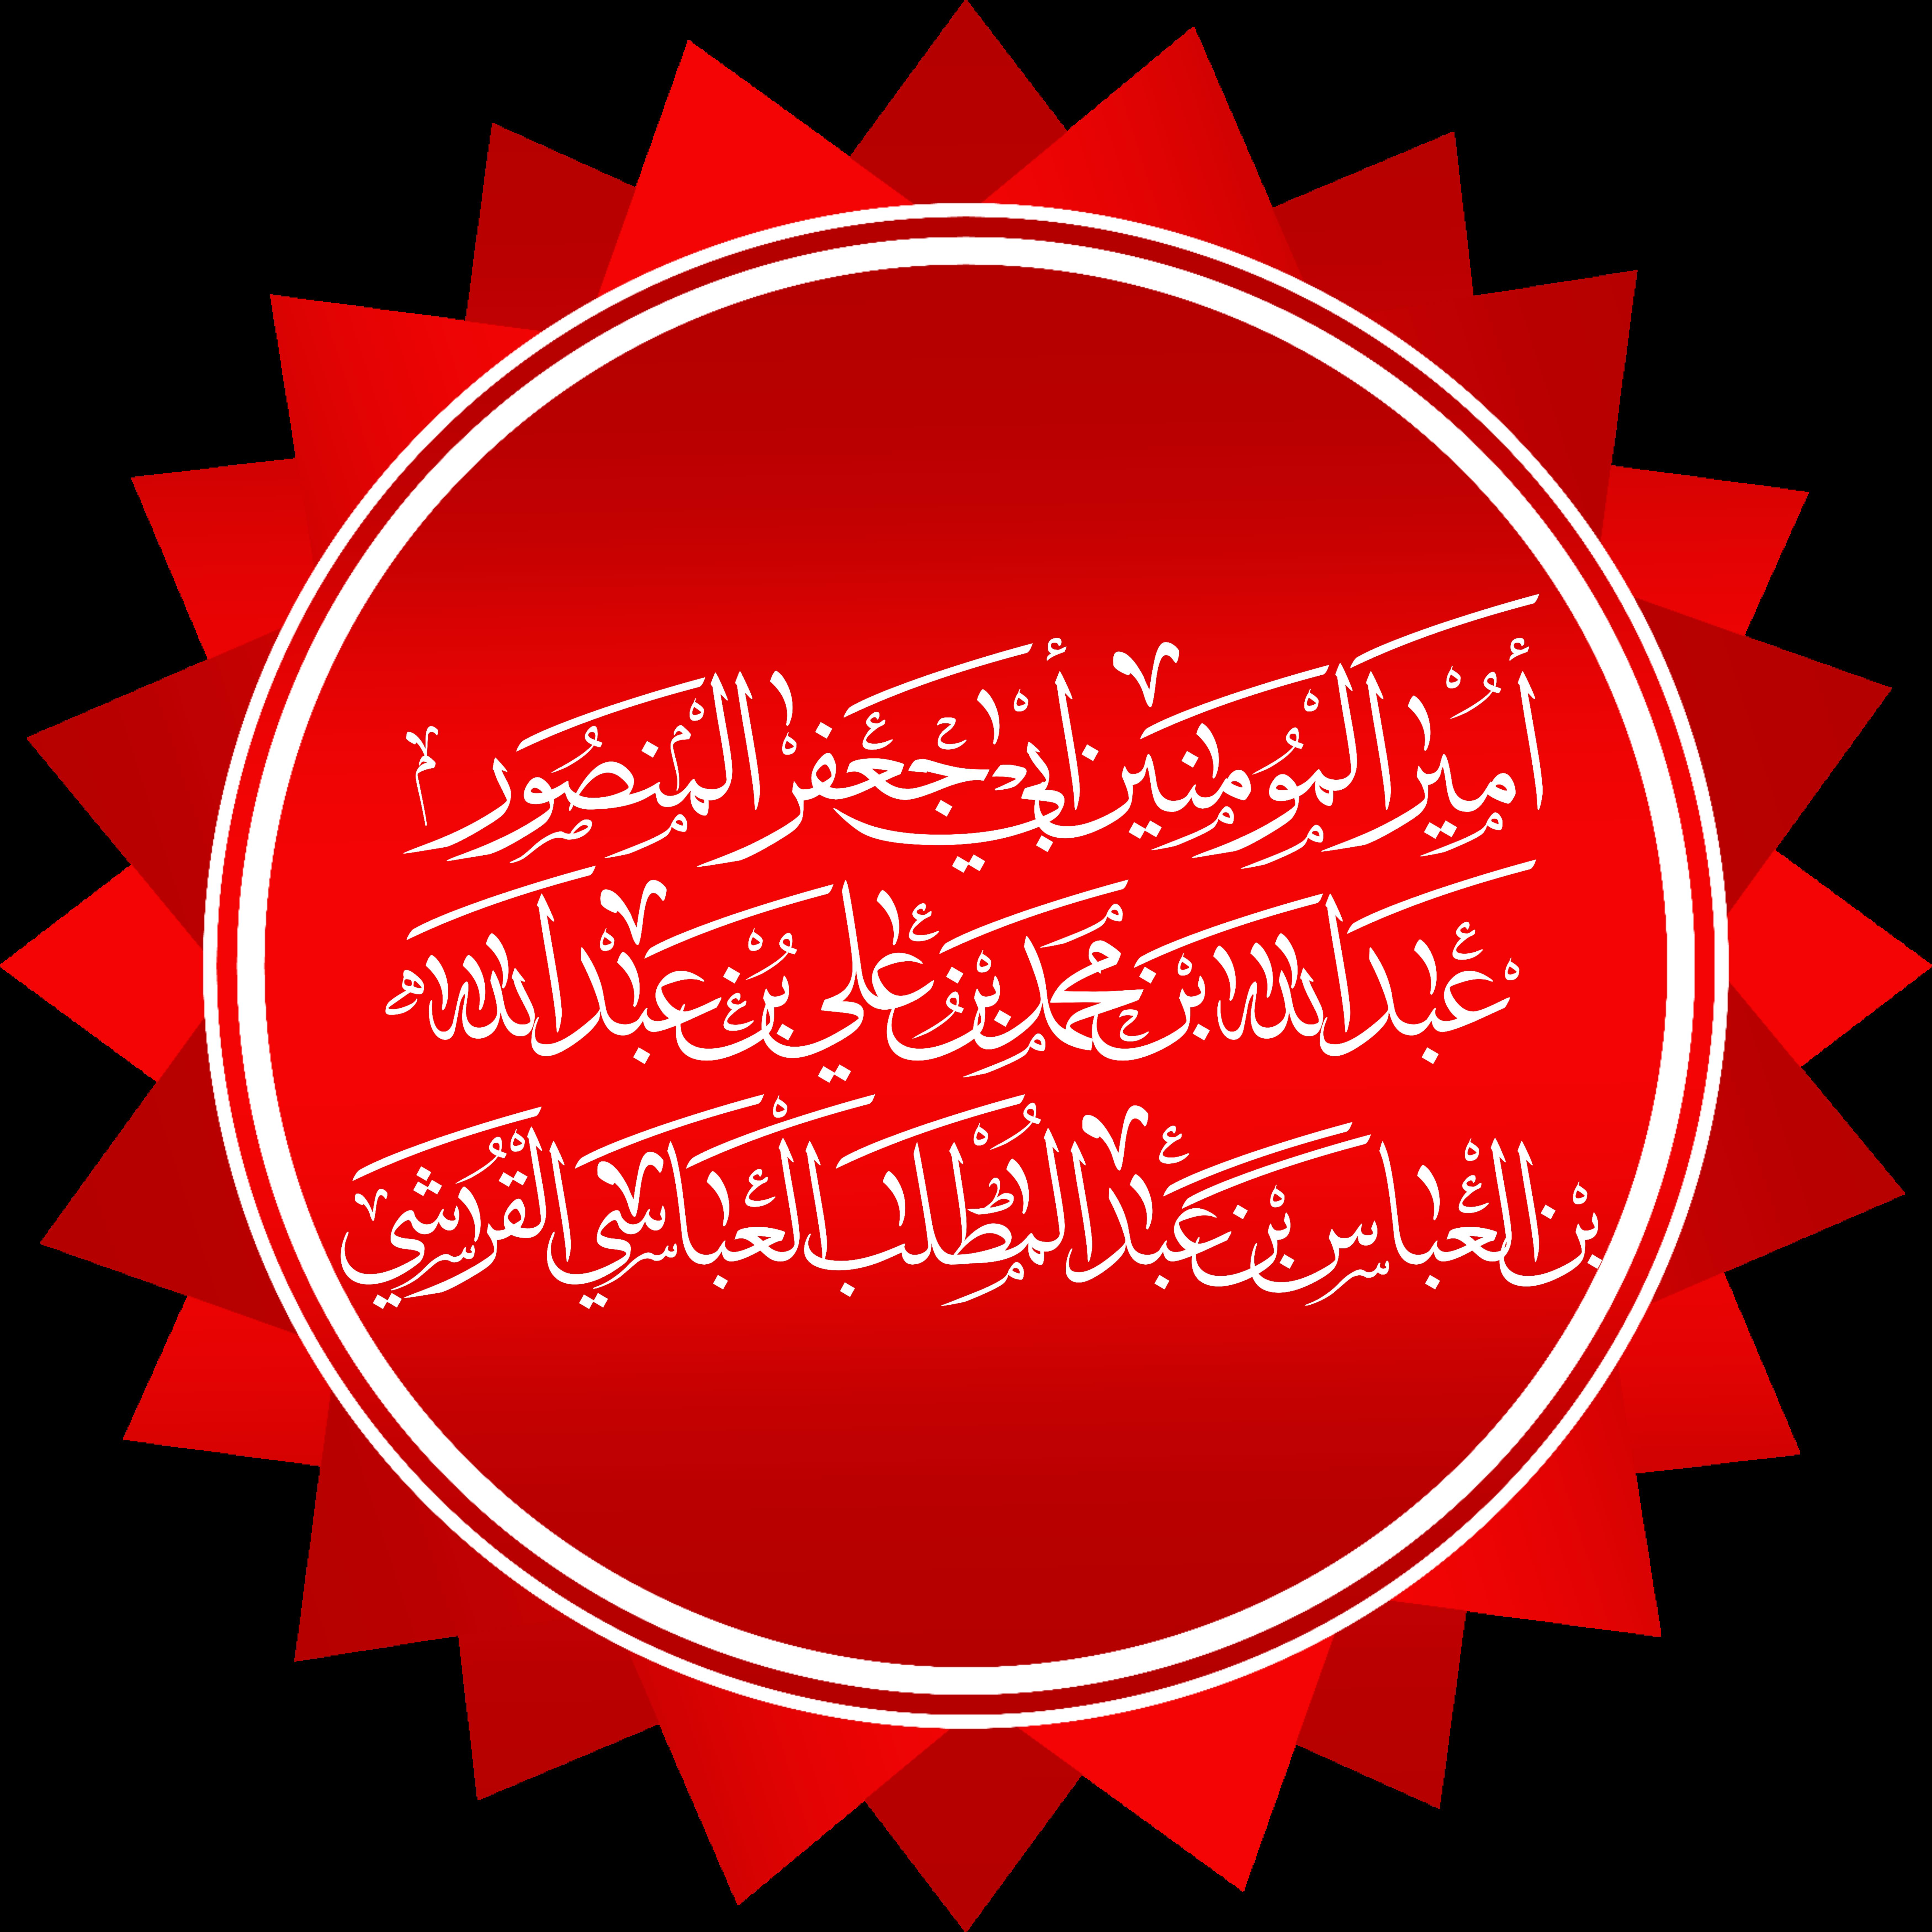 أبو جعفر المنصور ويكيبيديا